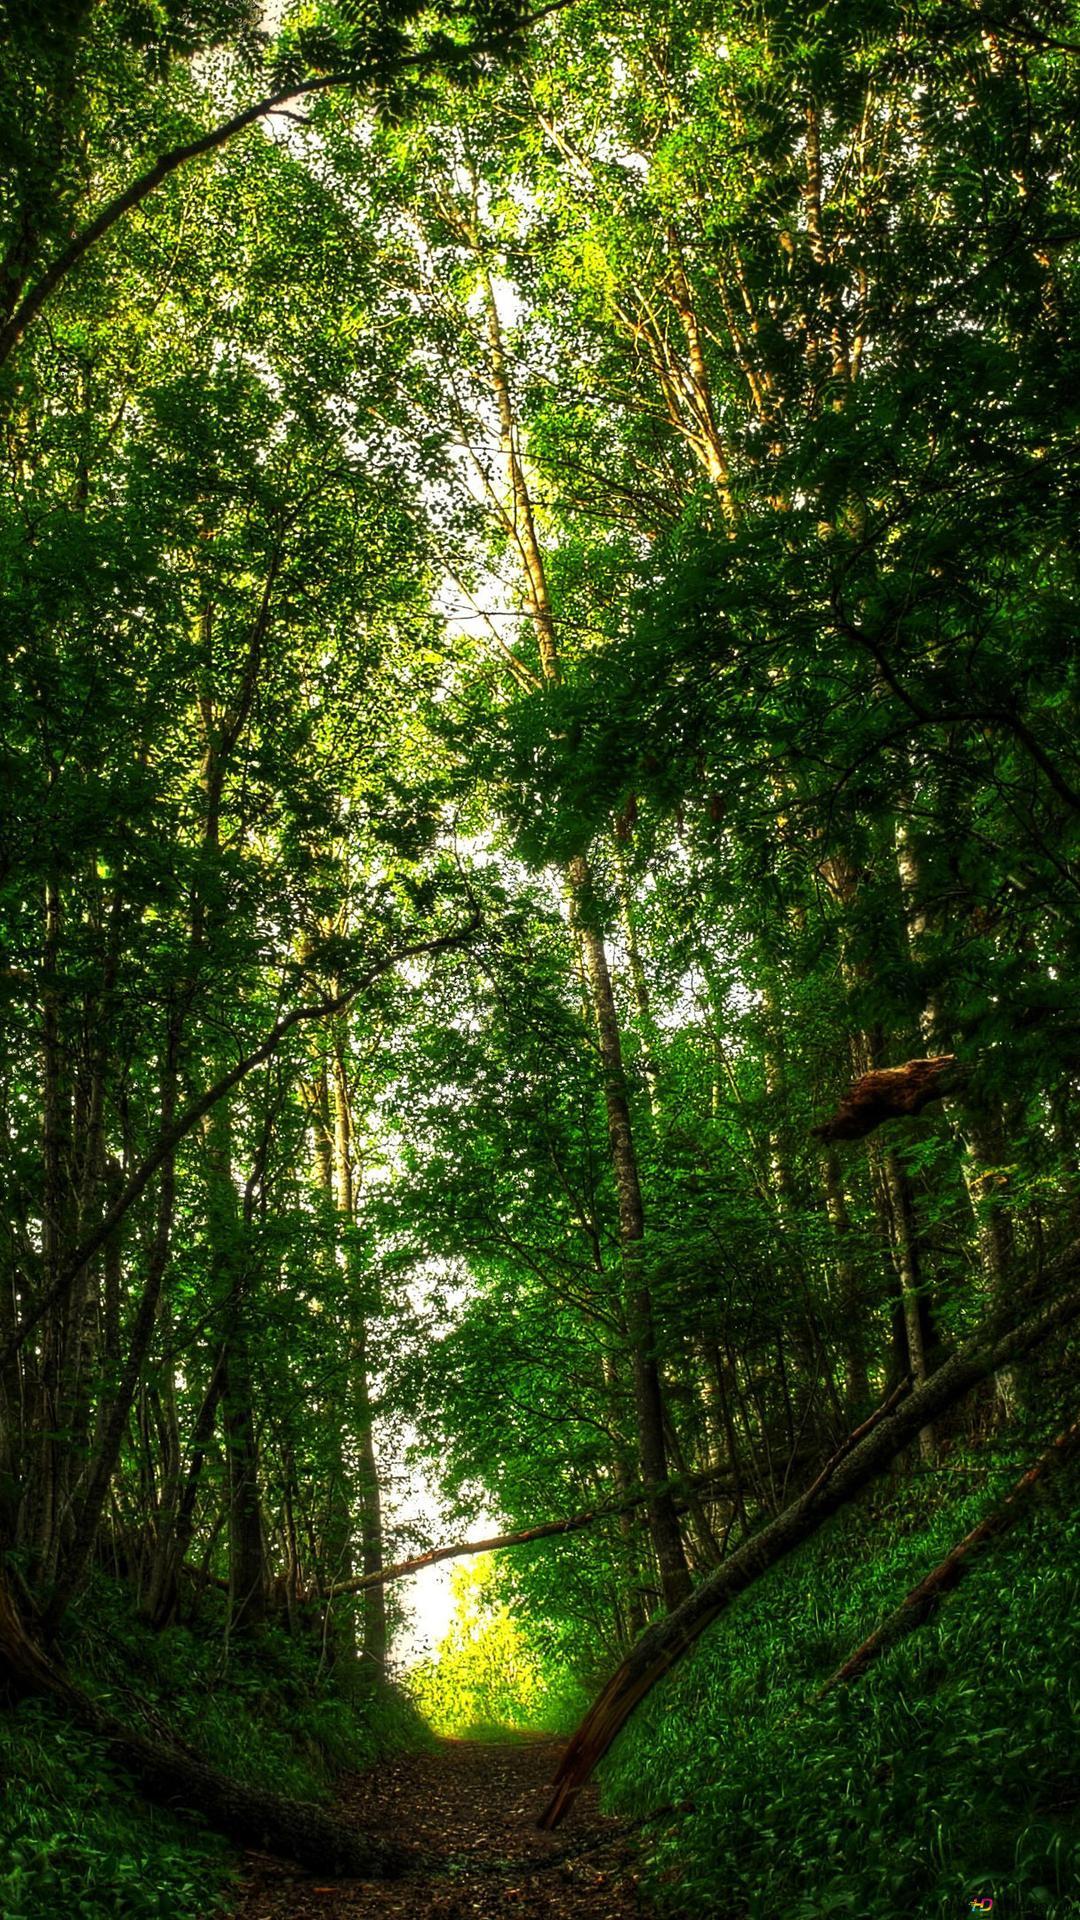 Schmale Pfade Im Wald Hd Hintergrundbilder Herunterladen